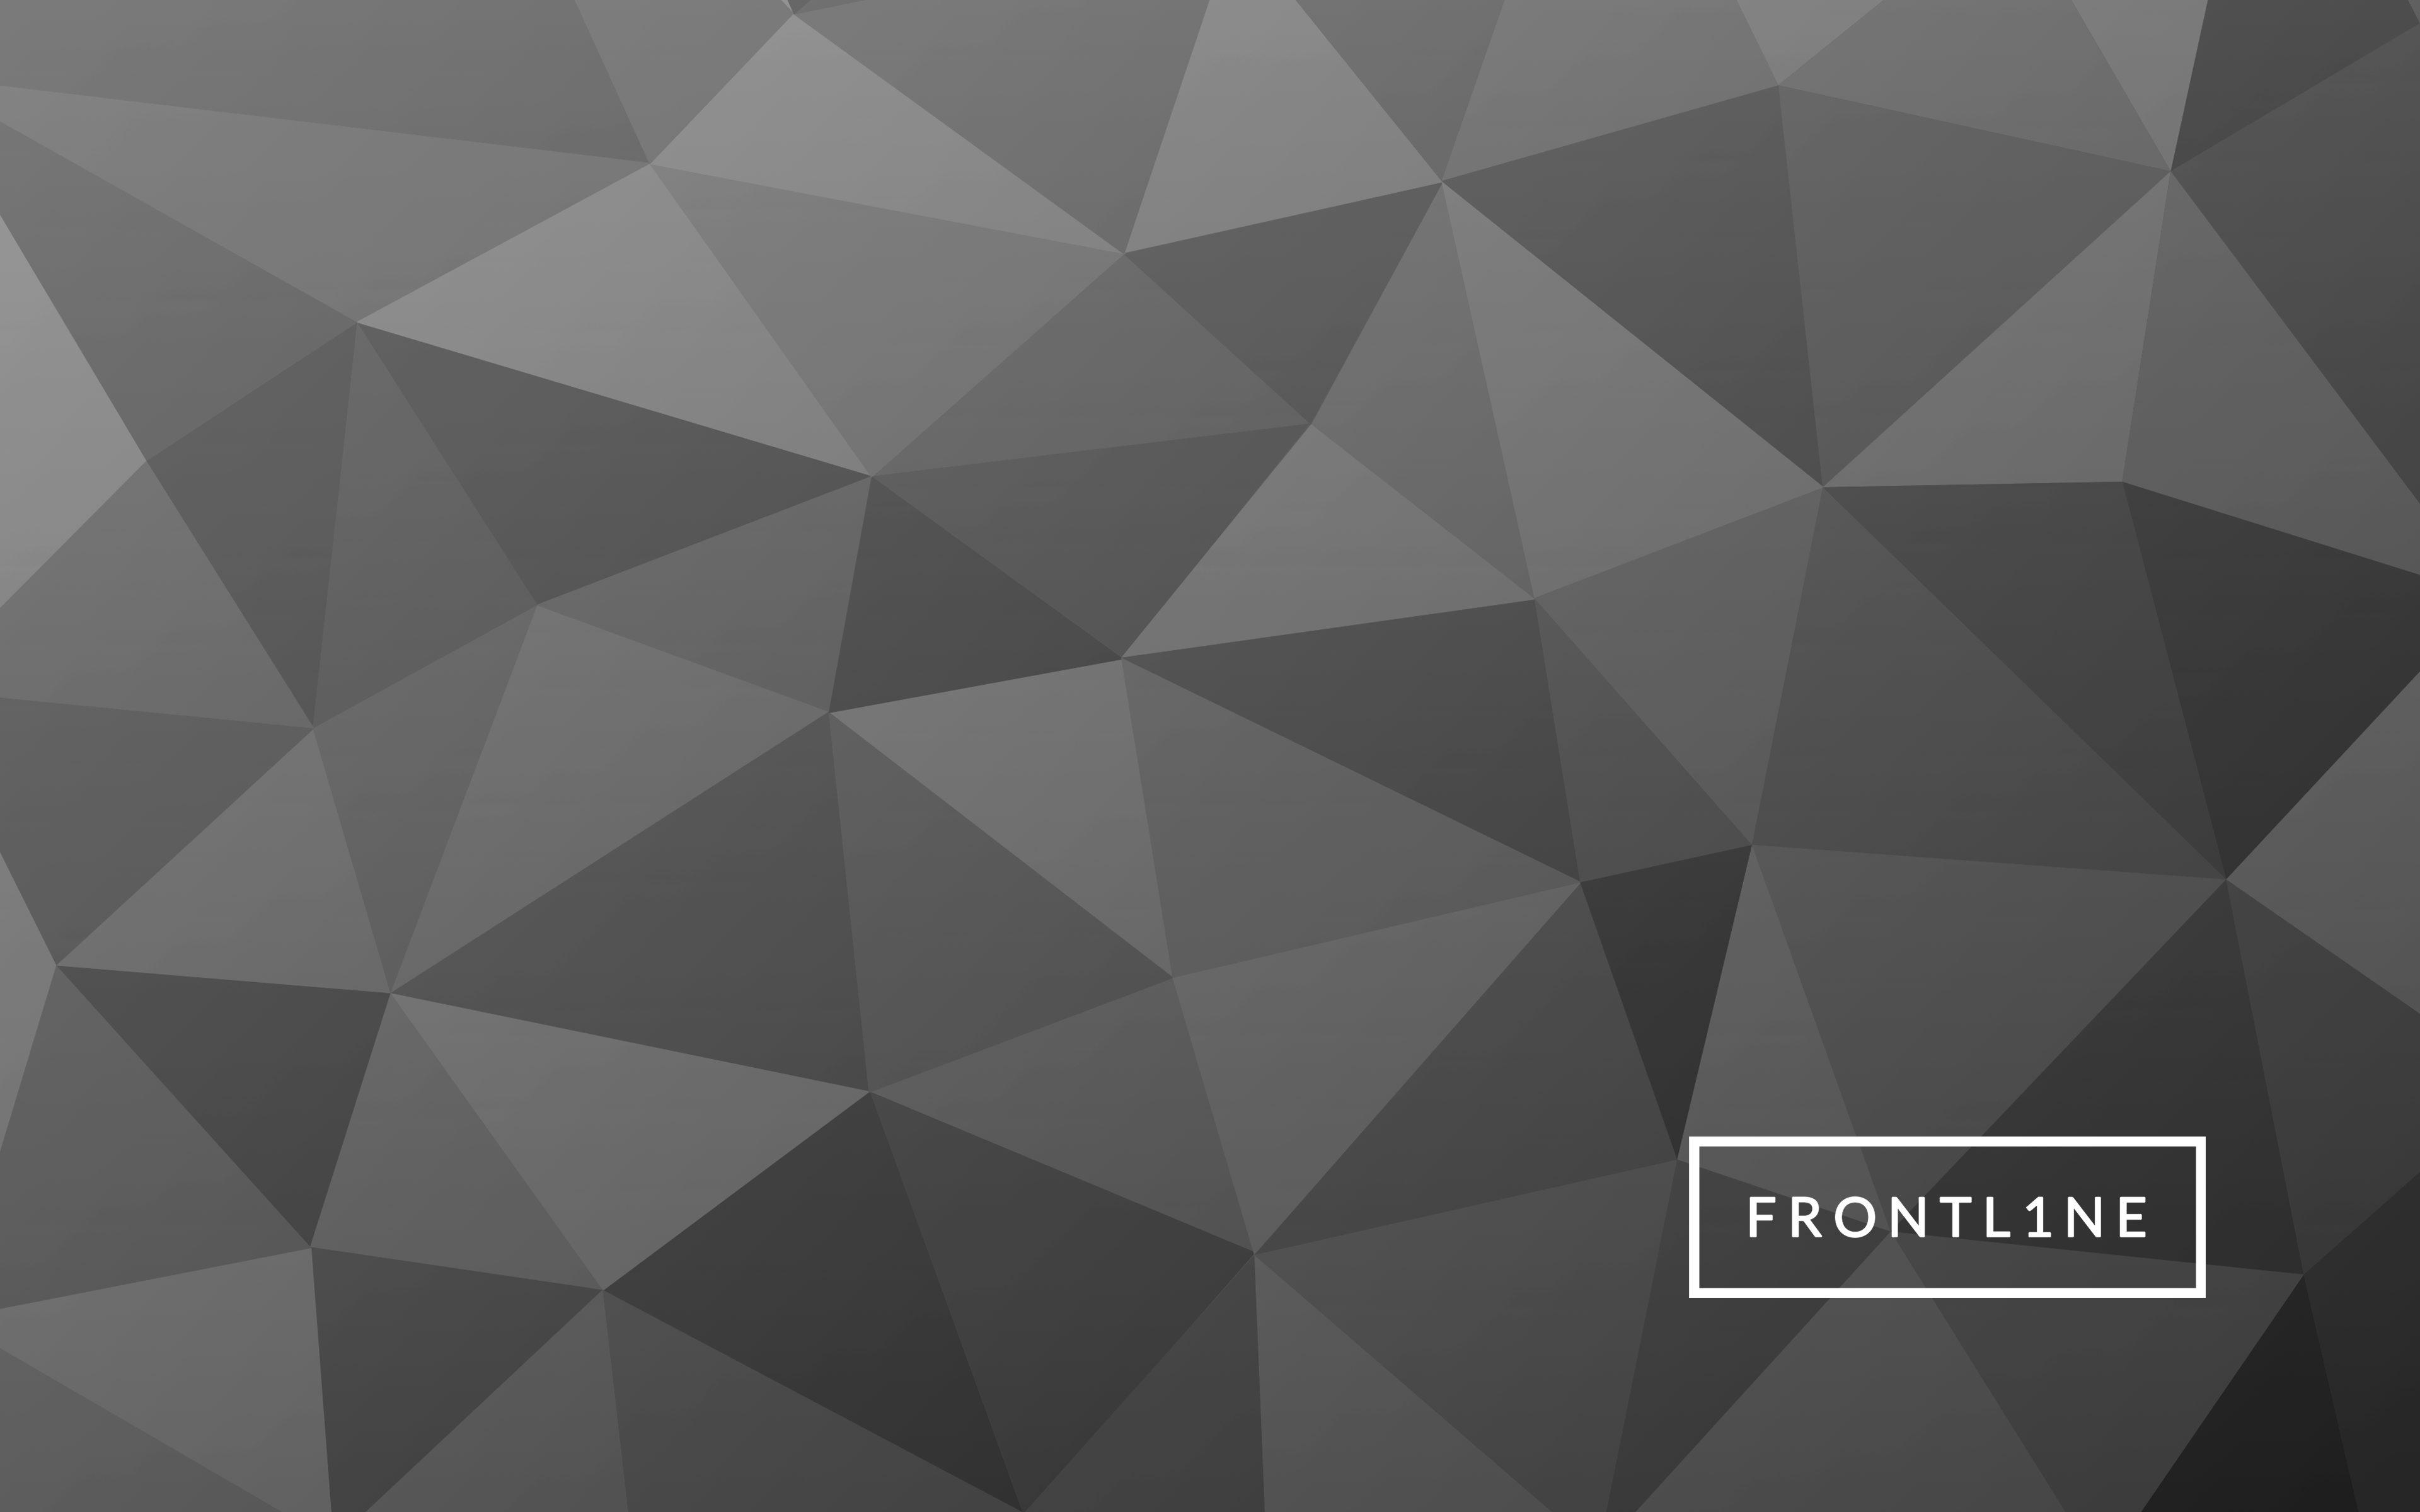 Wallpaper 壁紙 Frontl1ne 2019 Polygon Frontl1ne